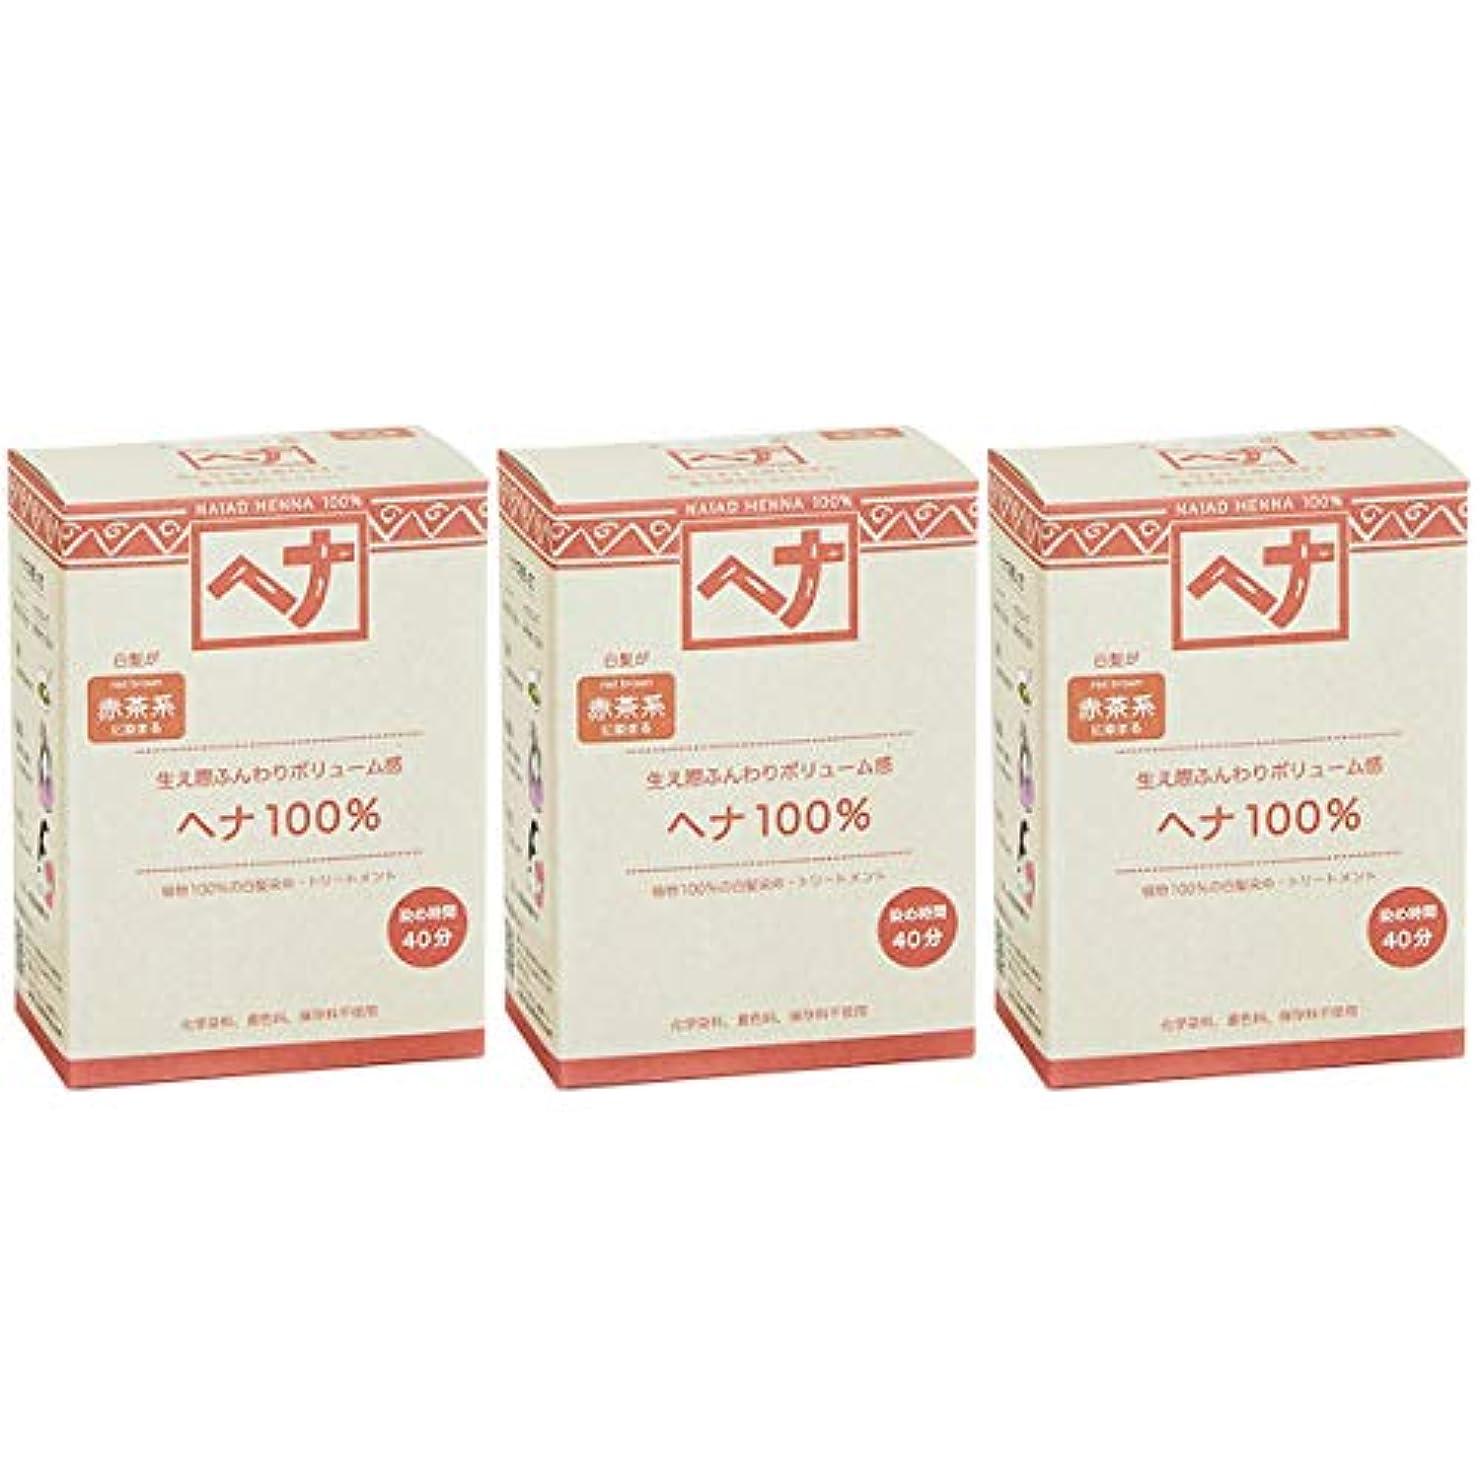 印刷する輸血雑草ナイアード ヘナ 100% 赤茶系 生え際ふんわりボリューム感 100g 3個セット 白髪染め 100%植物でつくられた自然素材